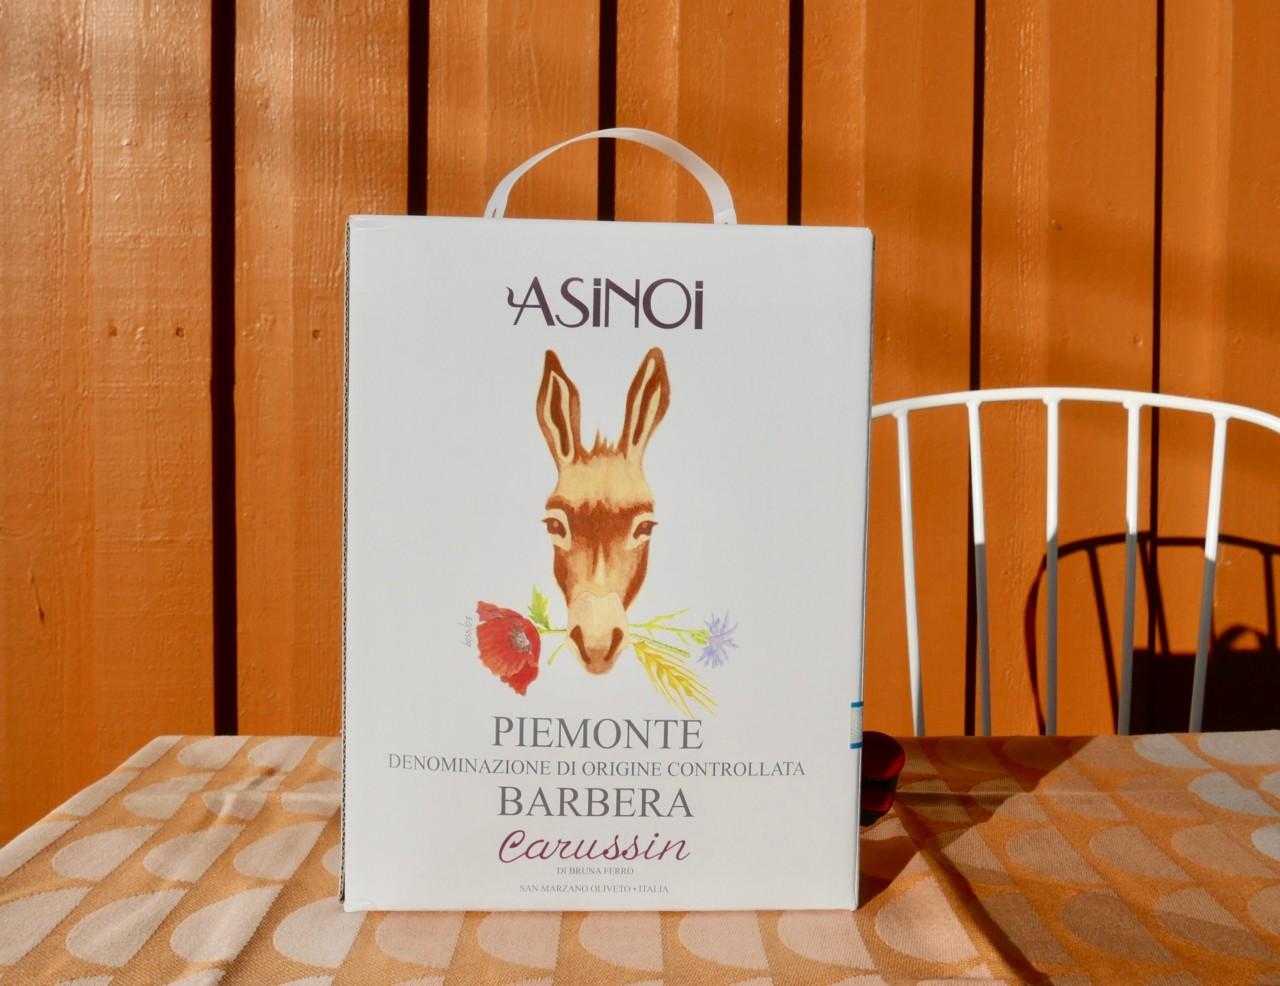 asinoi-piemonte-non-dos-naken-vin-green-house